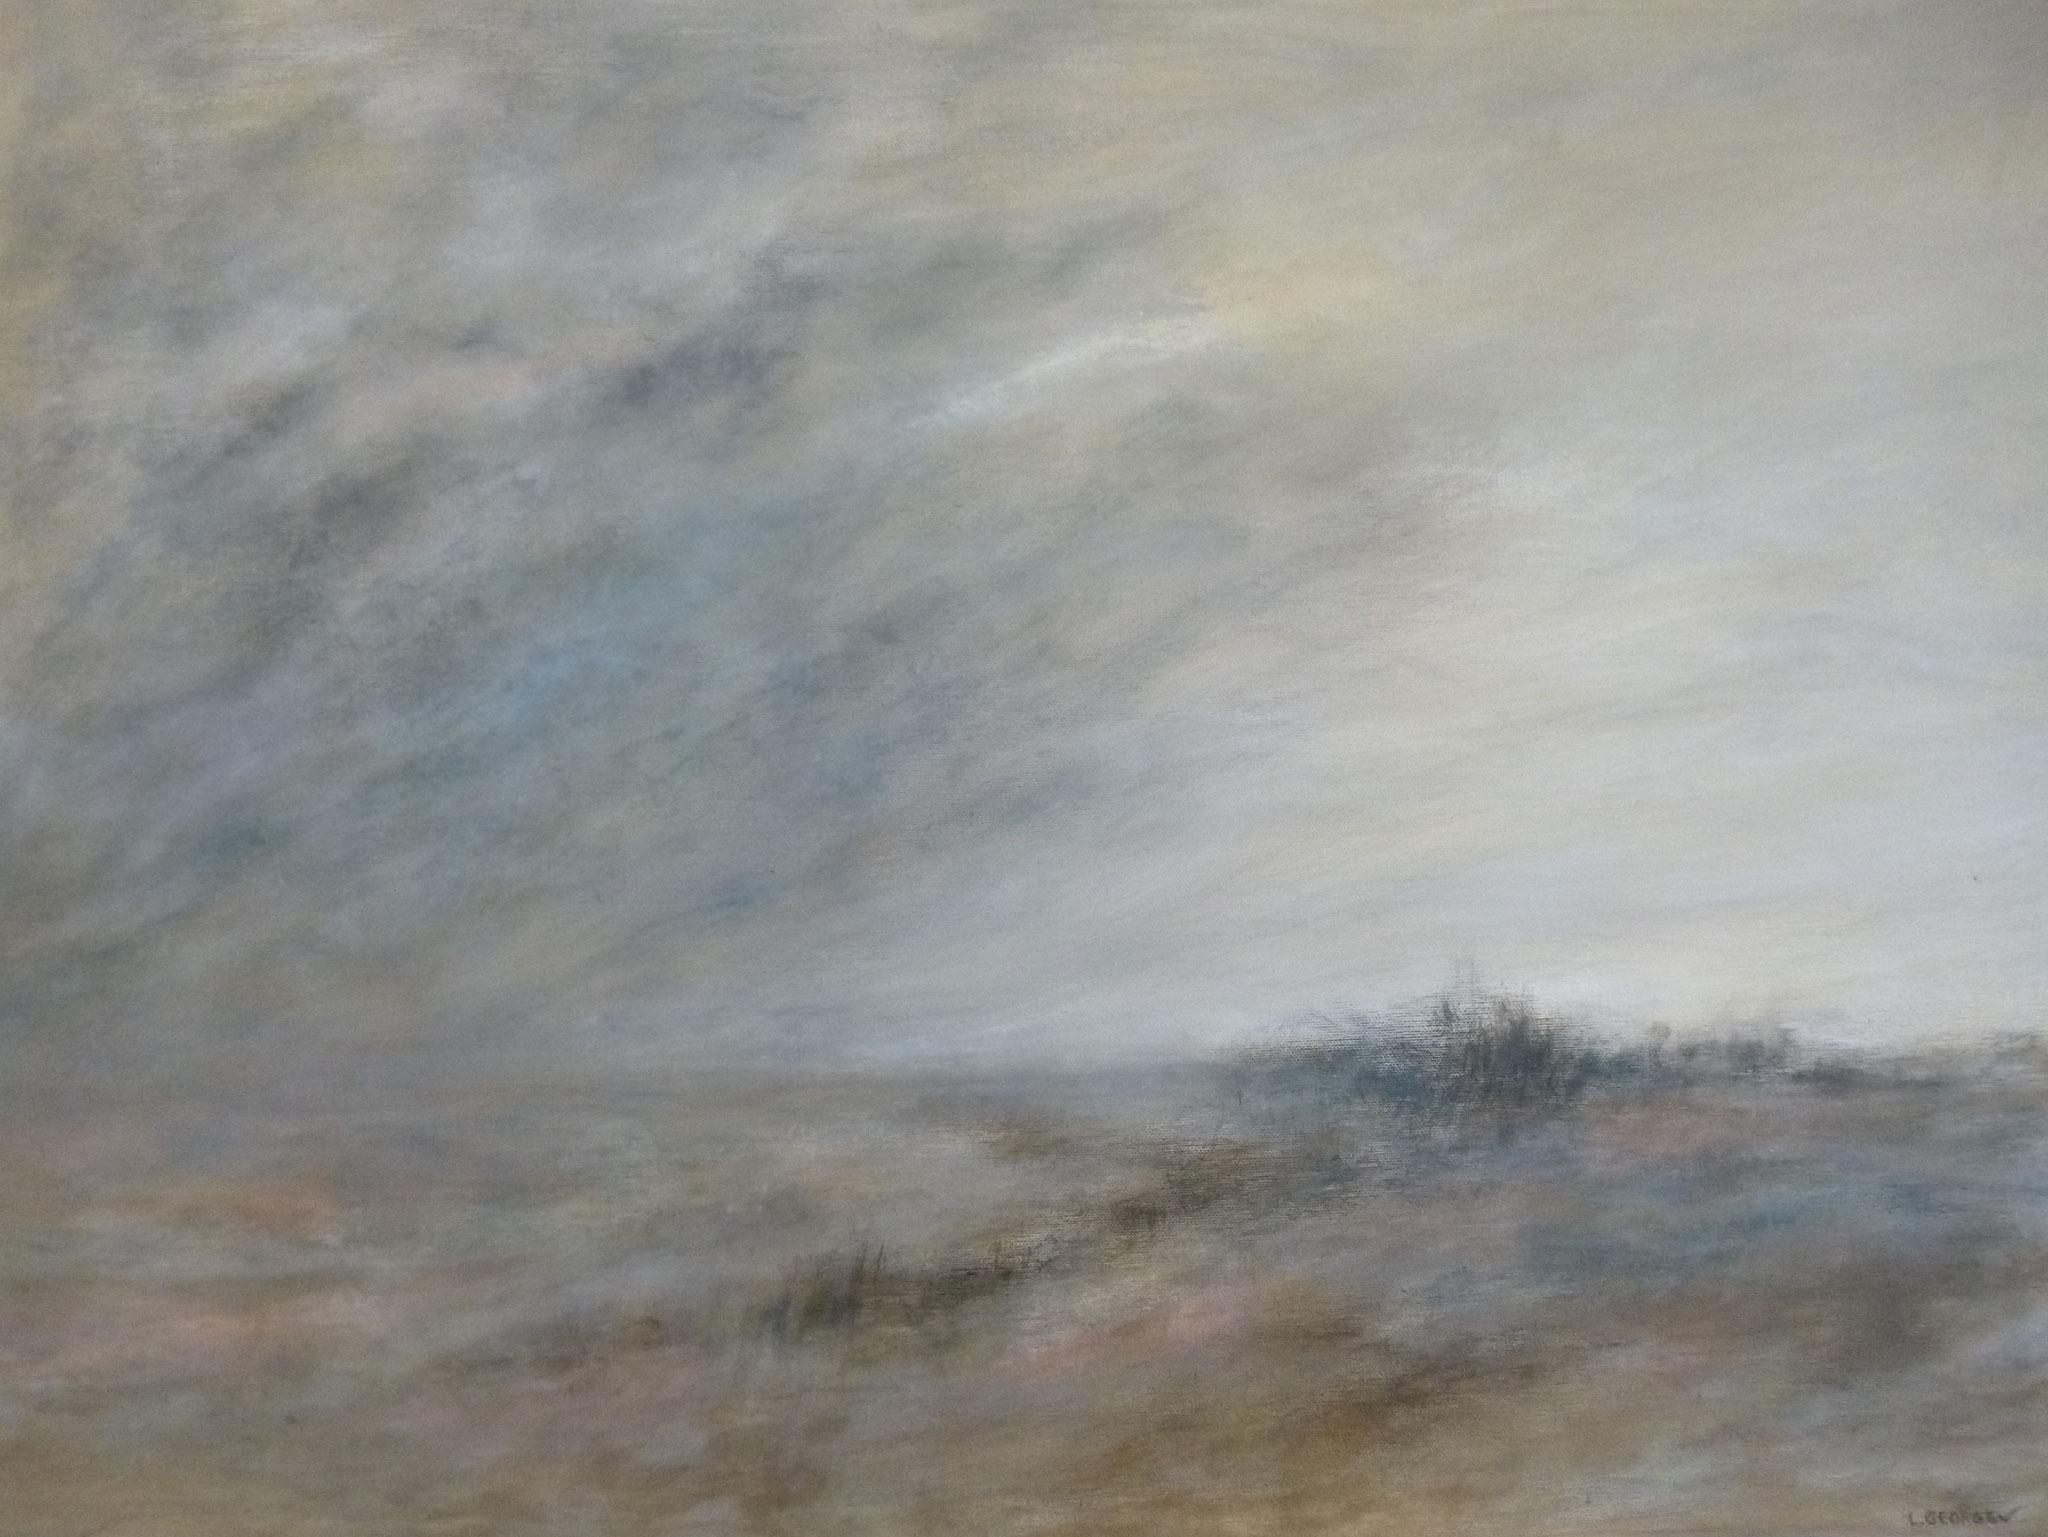 ÉCLAIRCIE, acrylique sur toile, 60x80 cm